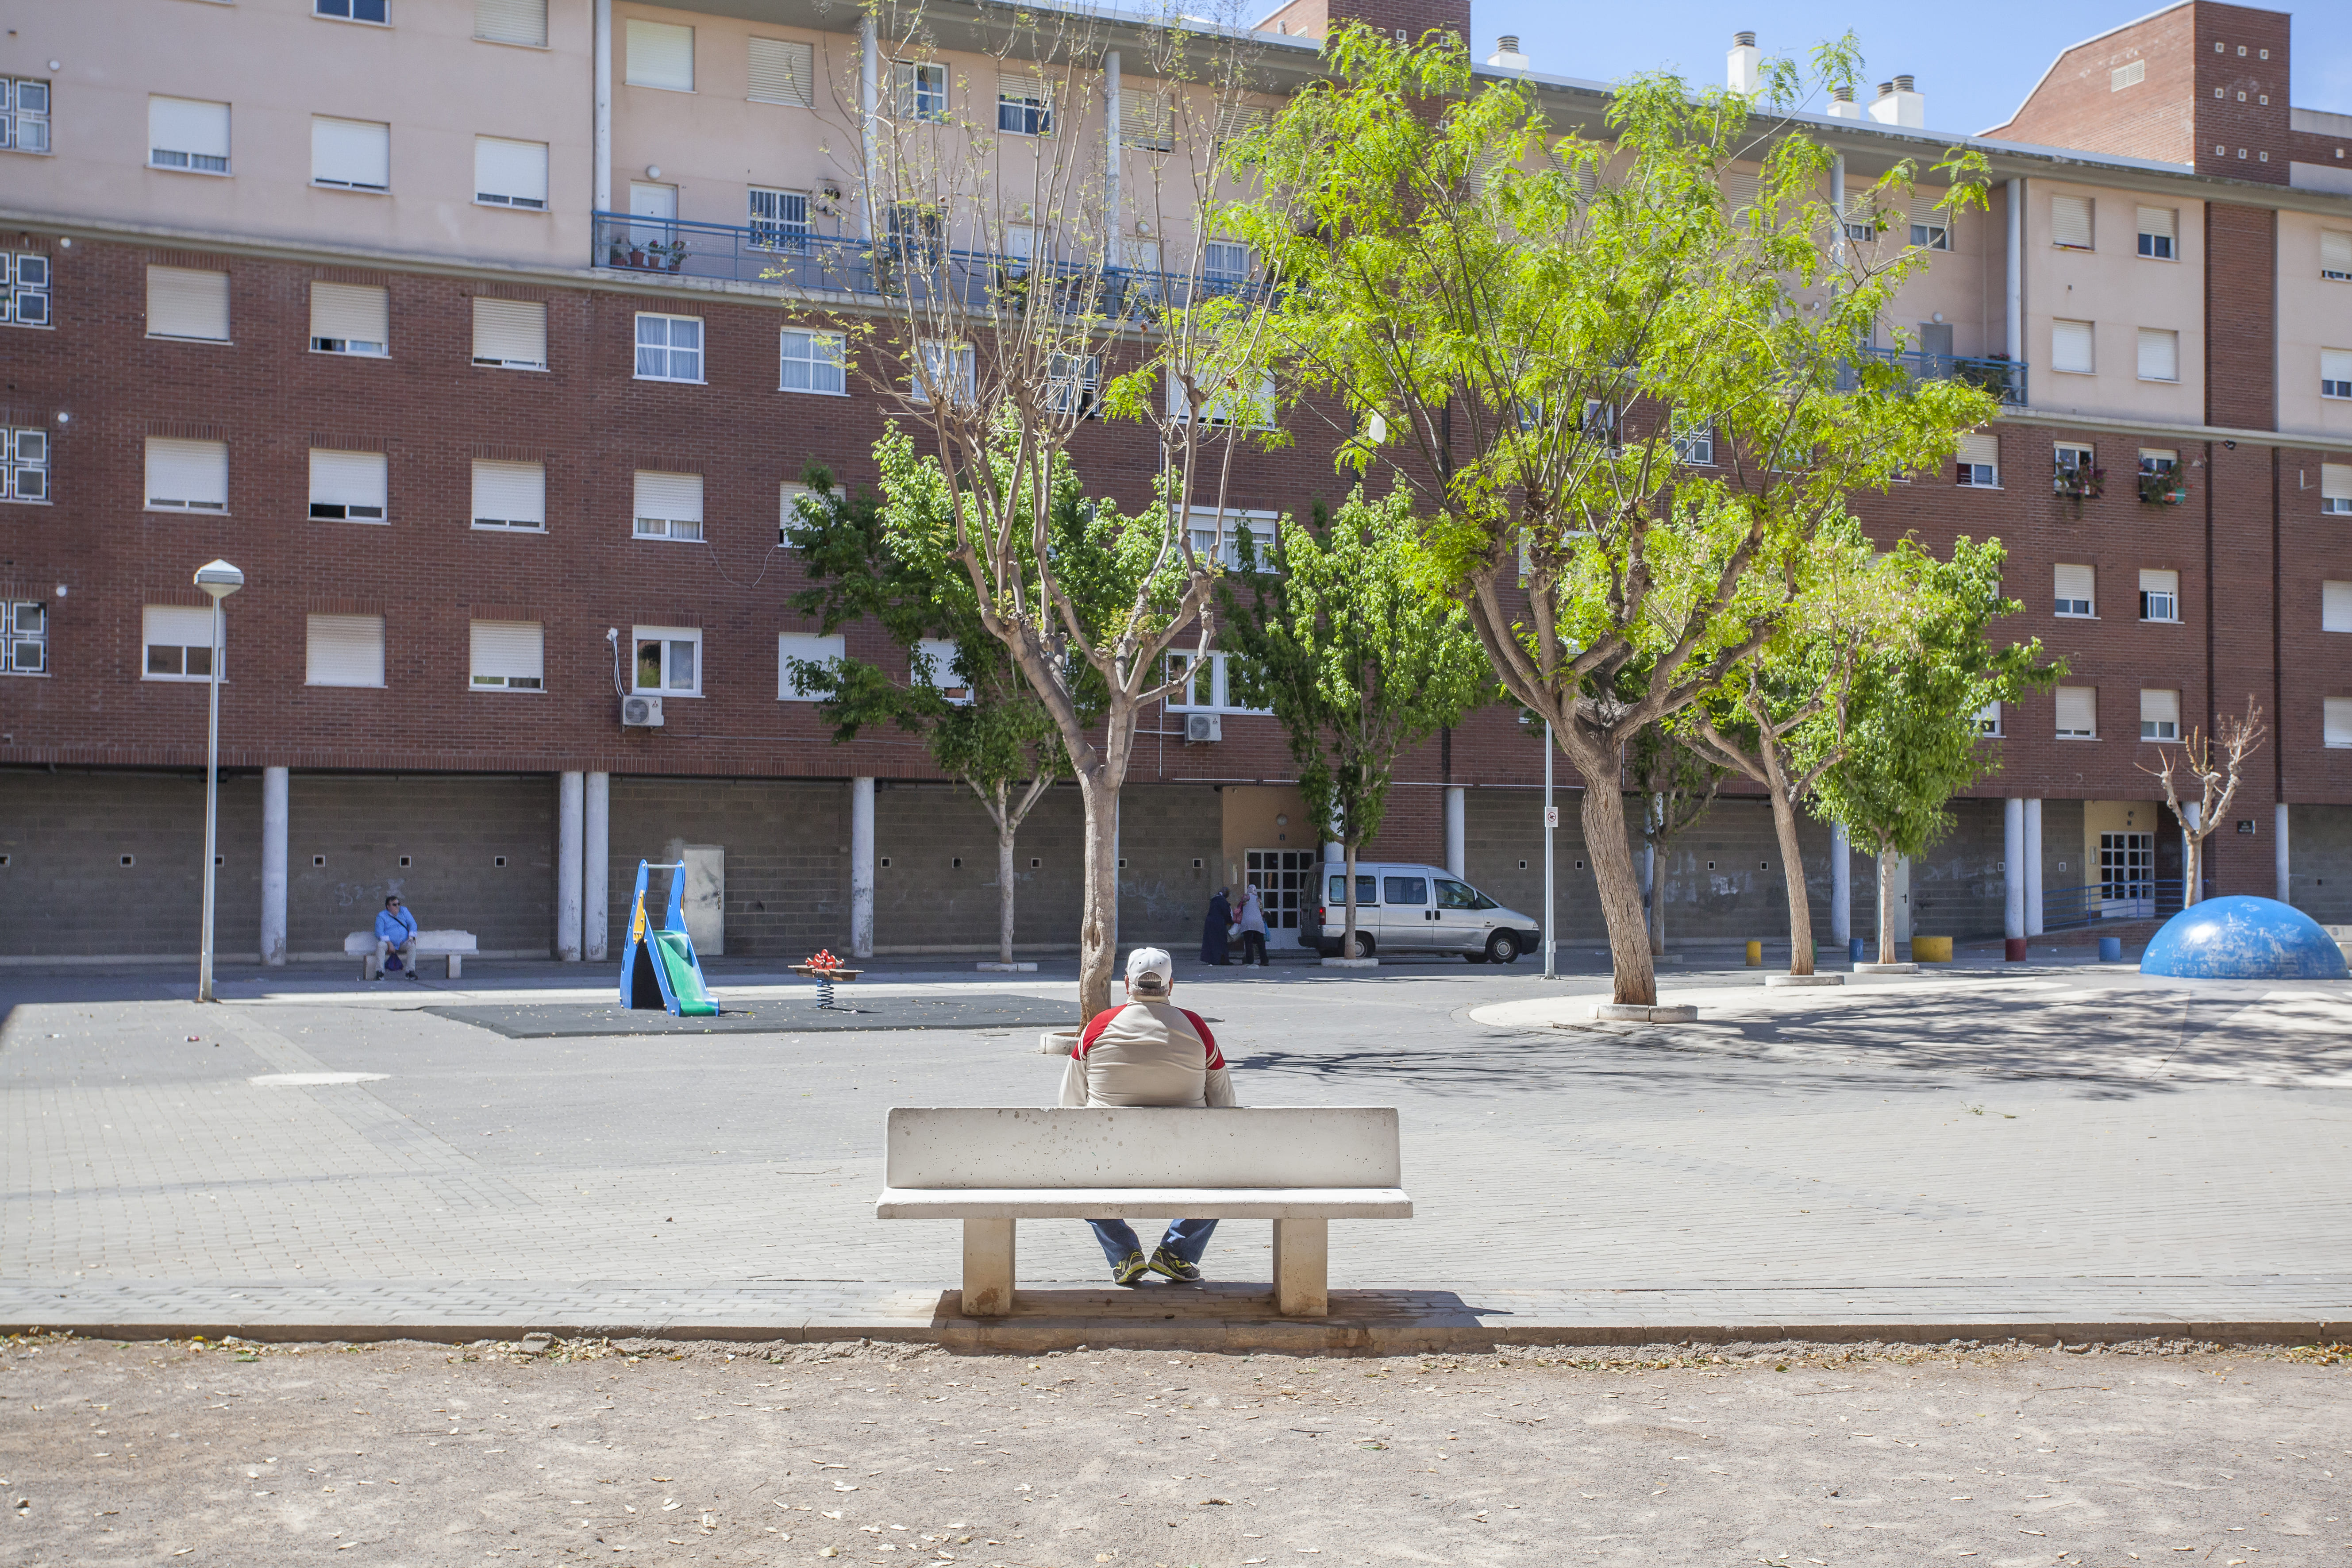 La exención del pago del alquiler de vivienda se aplicará en todo el parque público sin necesidad de rellenar el formulario